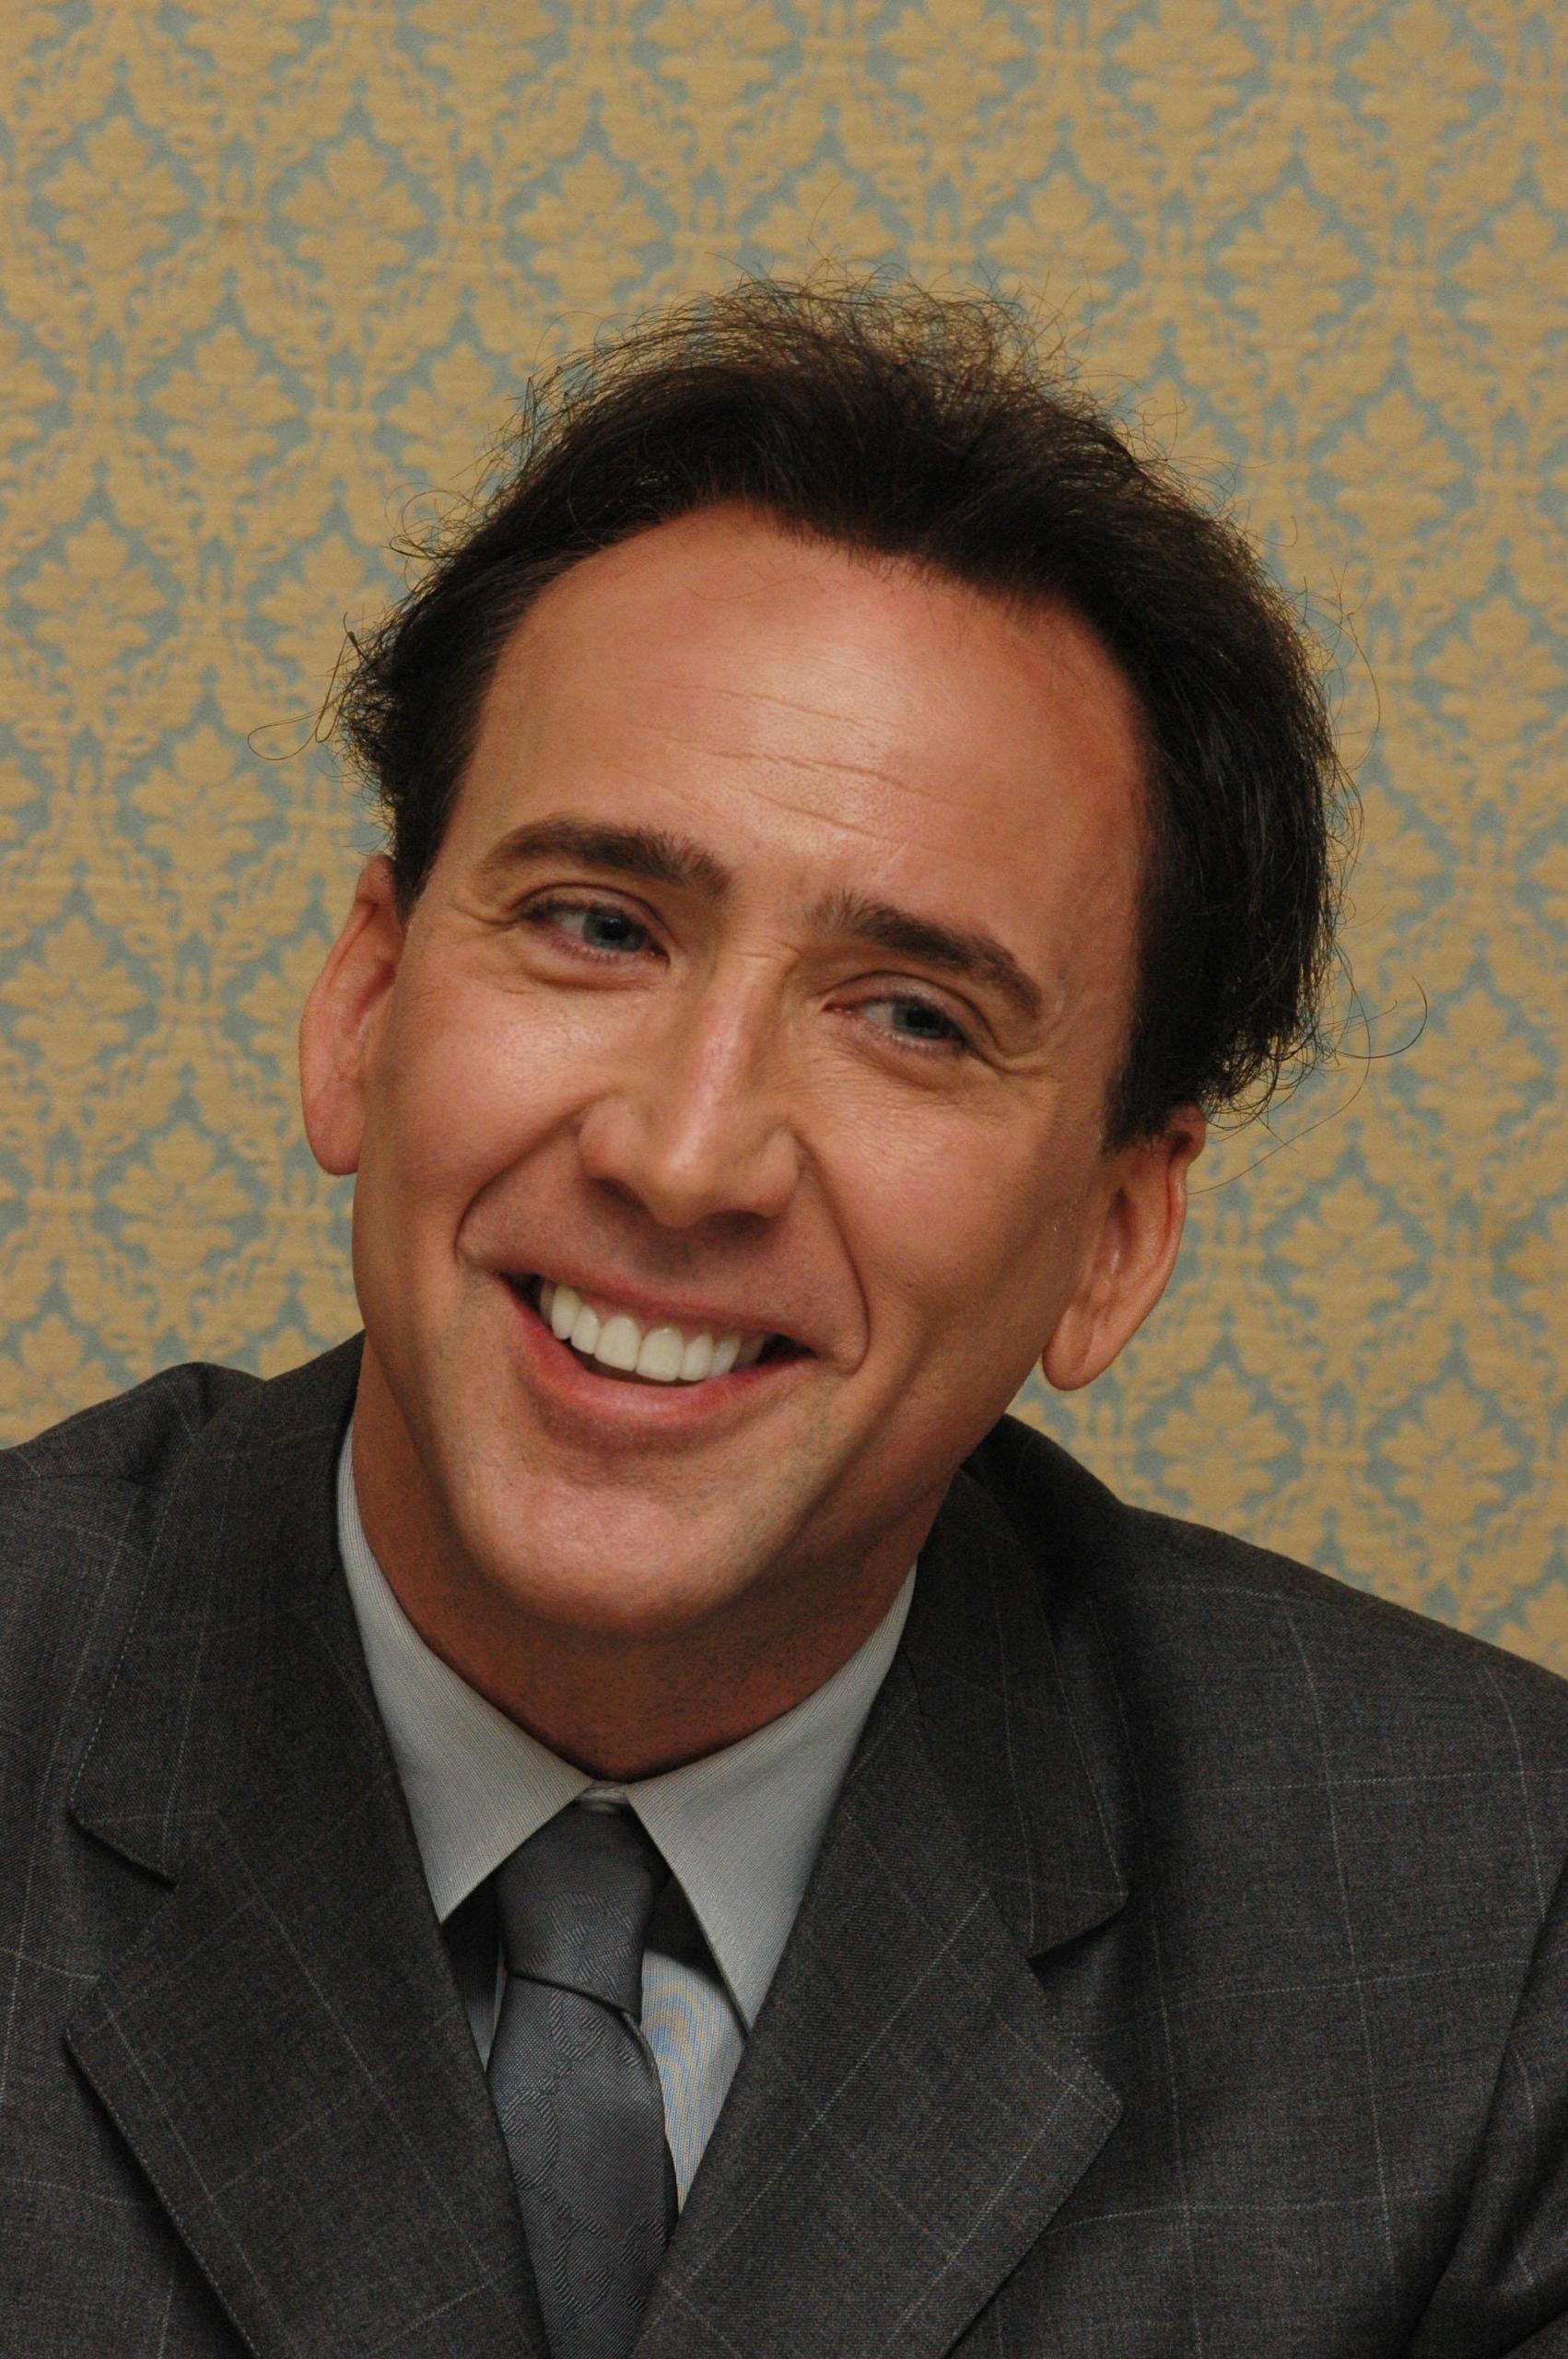 Nicolas Cage / Nicolas Cage Ist Pleite Cinema De